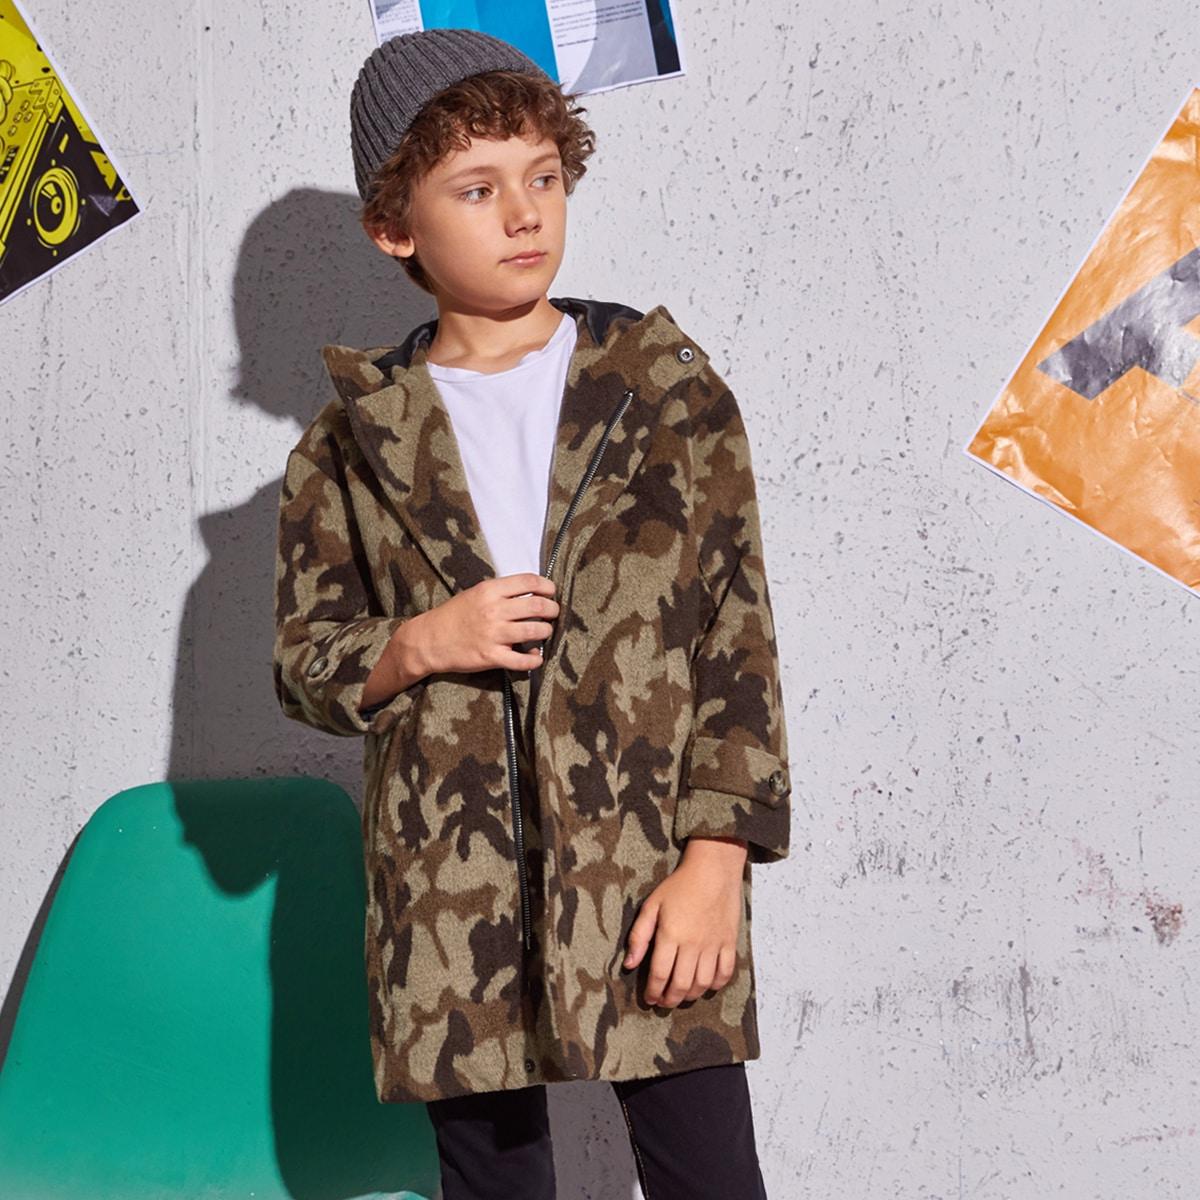 Mantel mit Camo Muster, Reißverschlussleiste und Kapuze